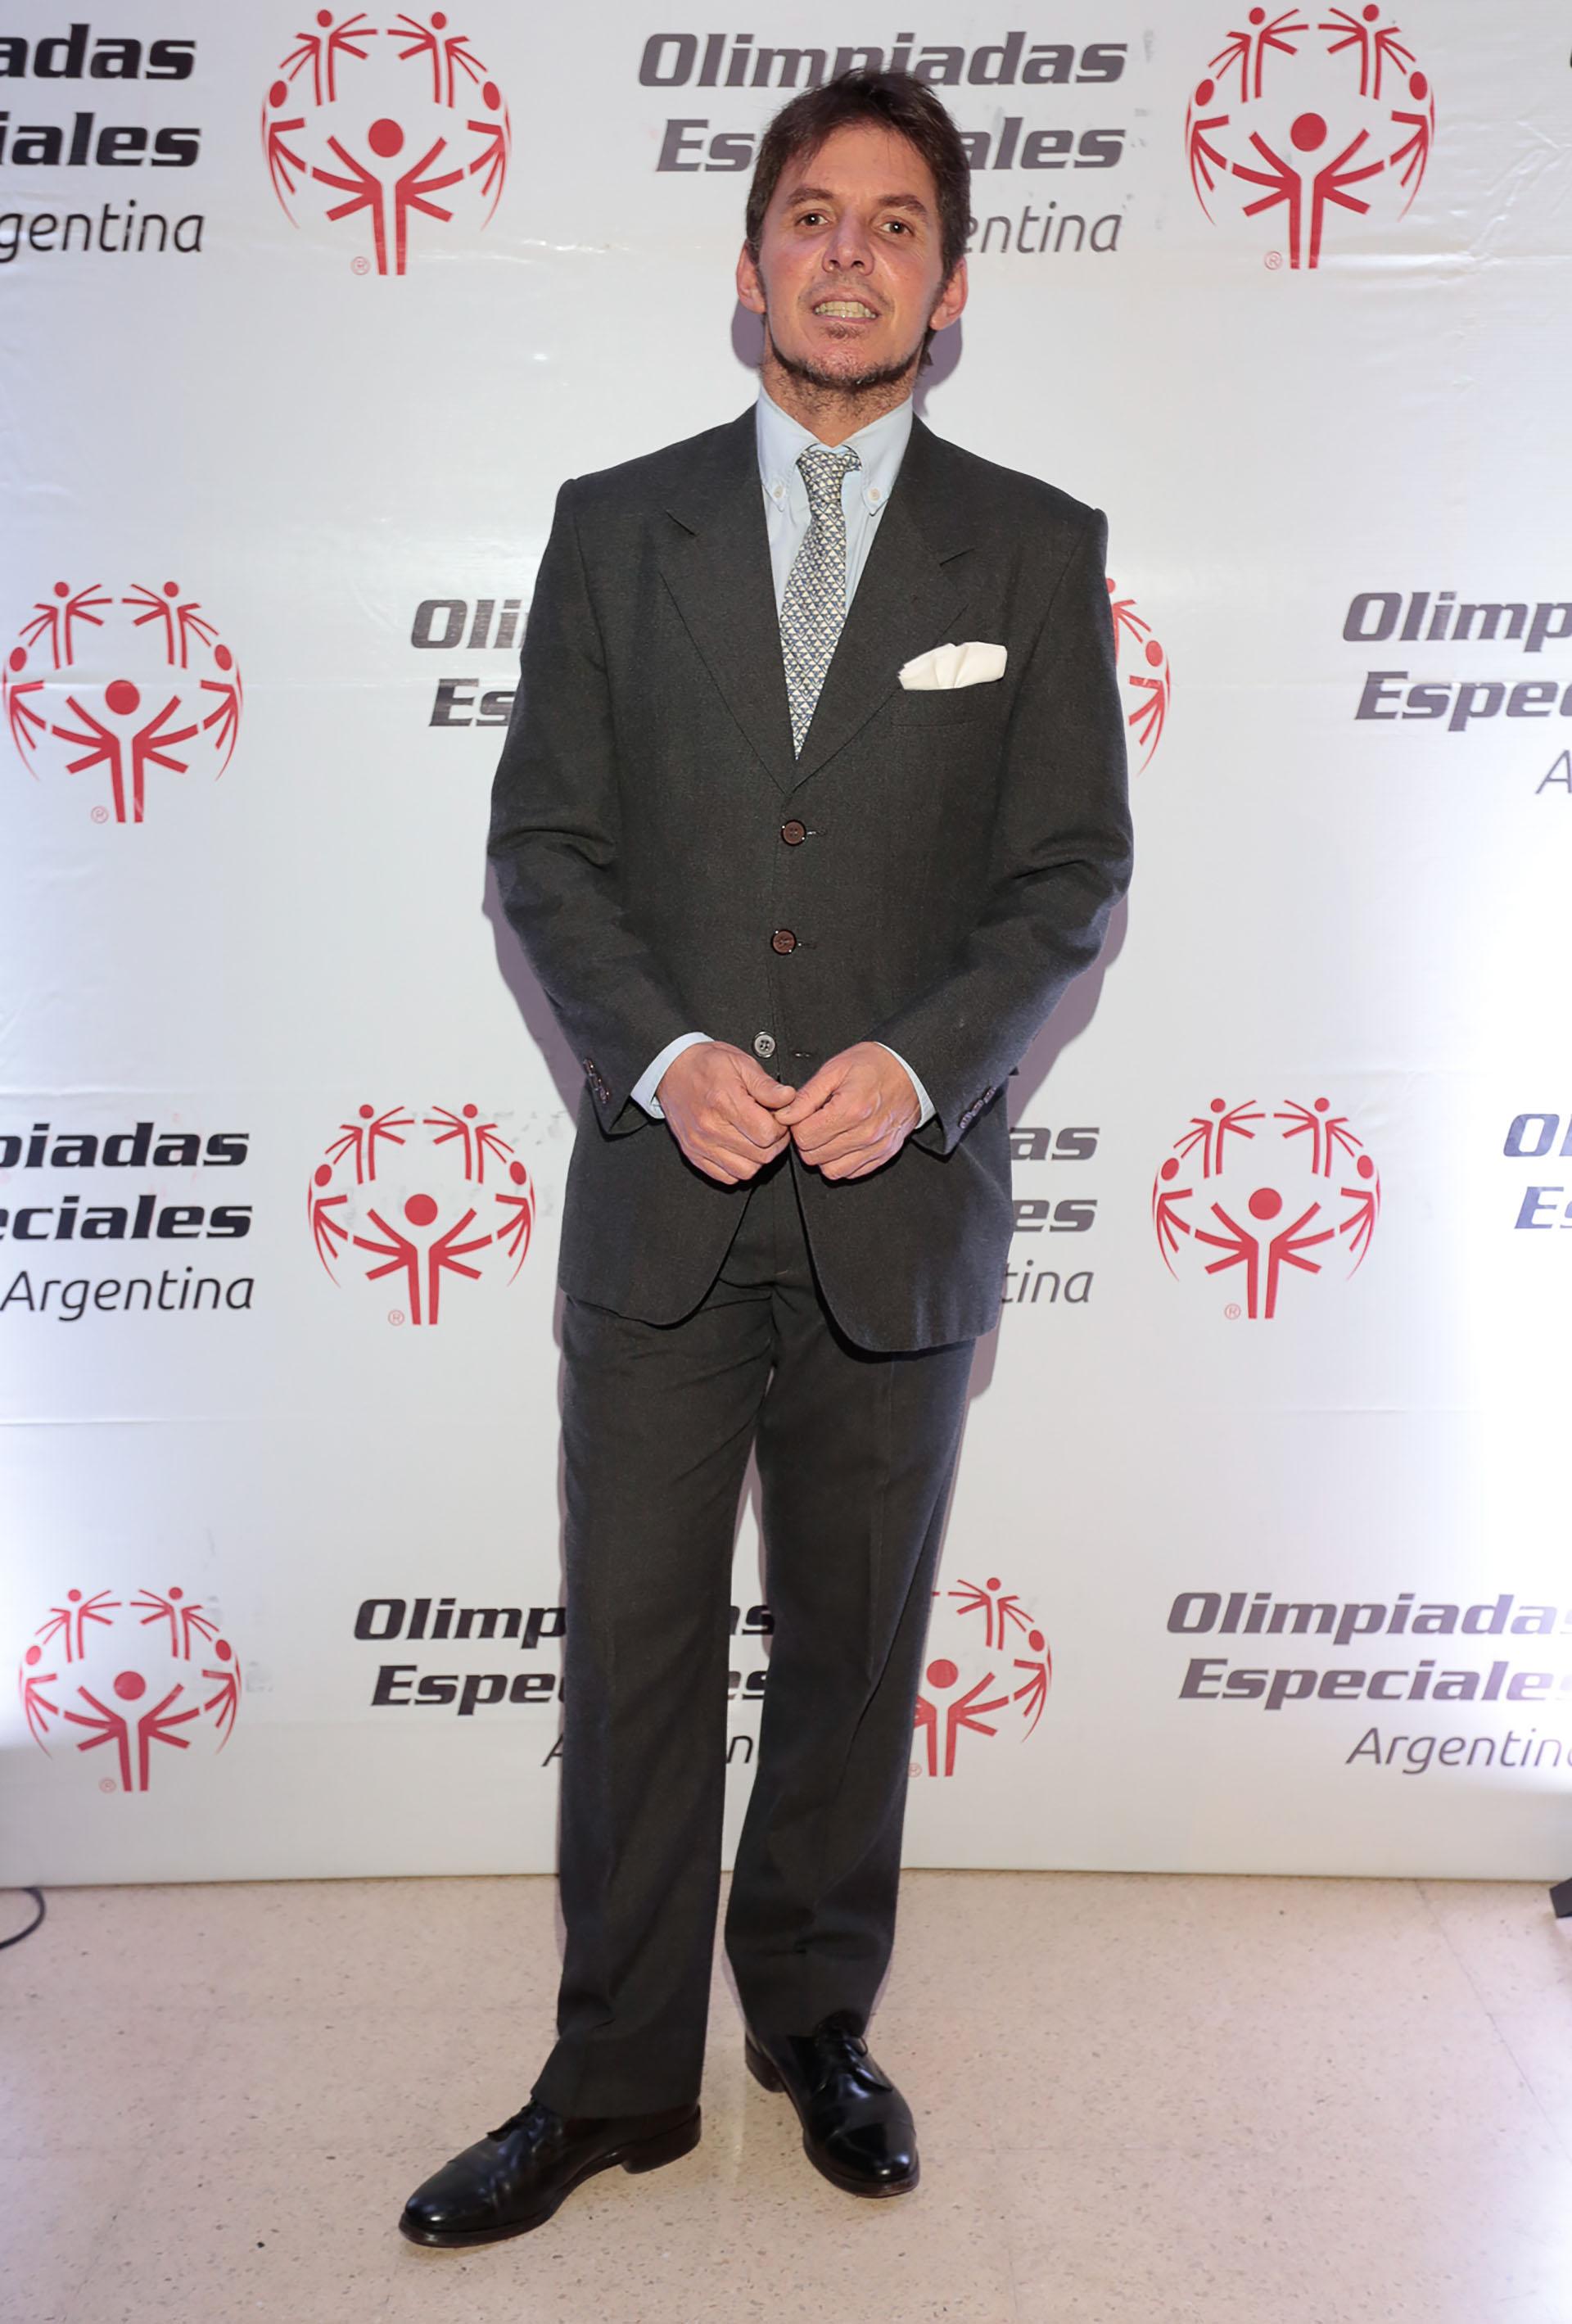 Gerard Confalonieri (Relaciones Públicas de Olimpíadas Especiales Argentinas)